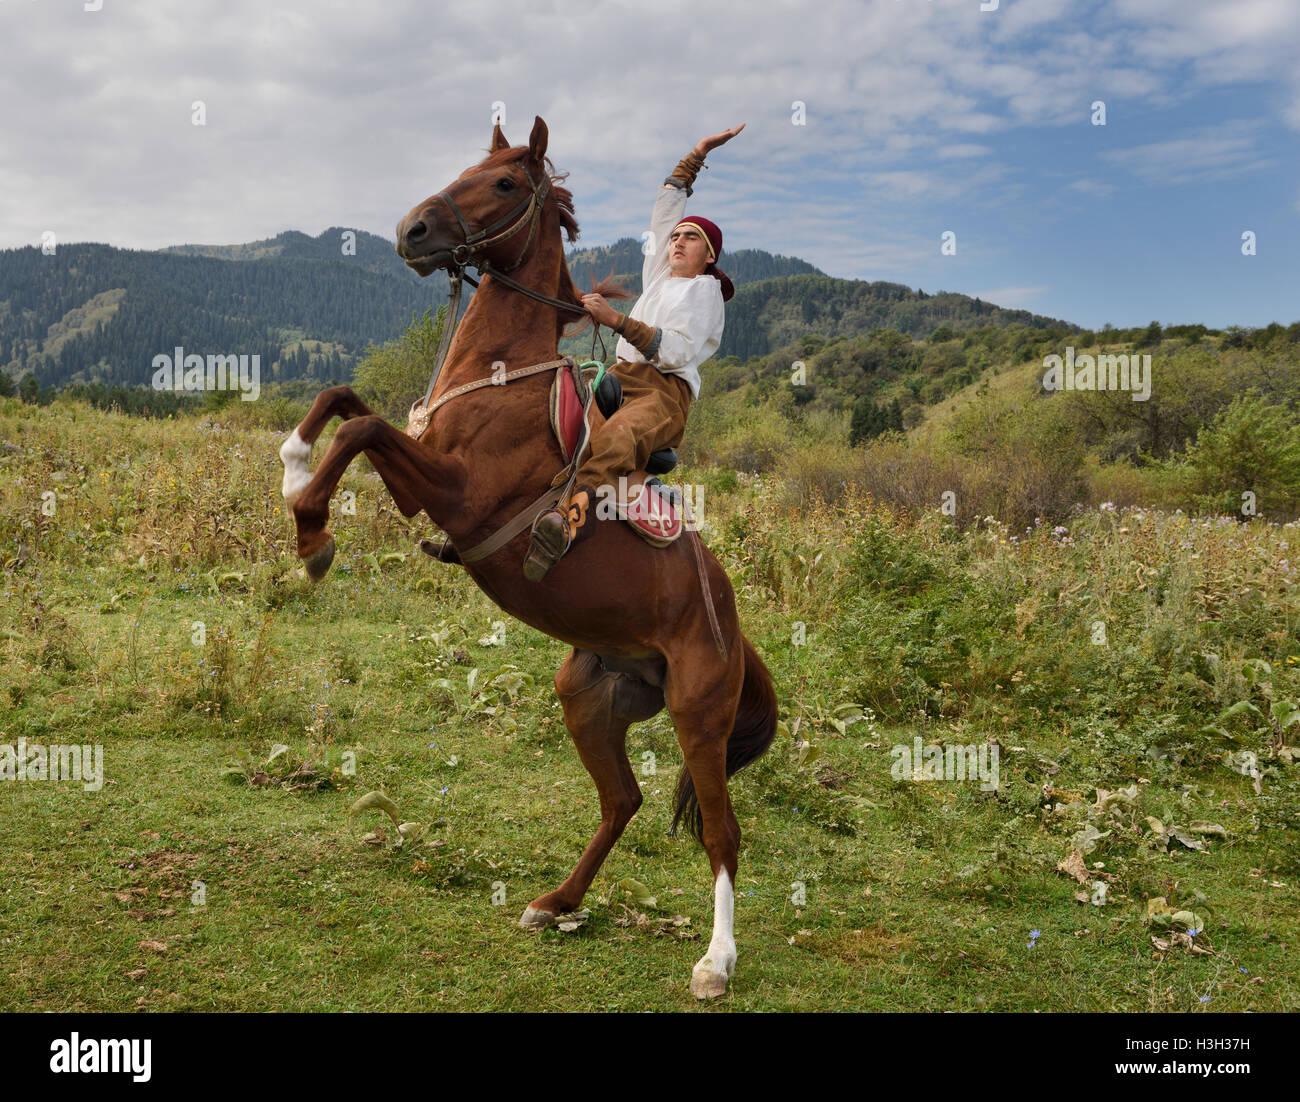 Jinete kazajo con el brazo levantado en la cría macho castrado en Hunos village Kazajstán Imagen De Stock